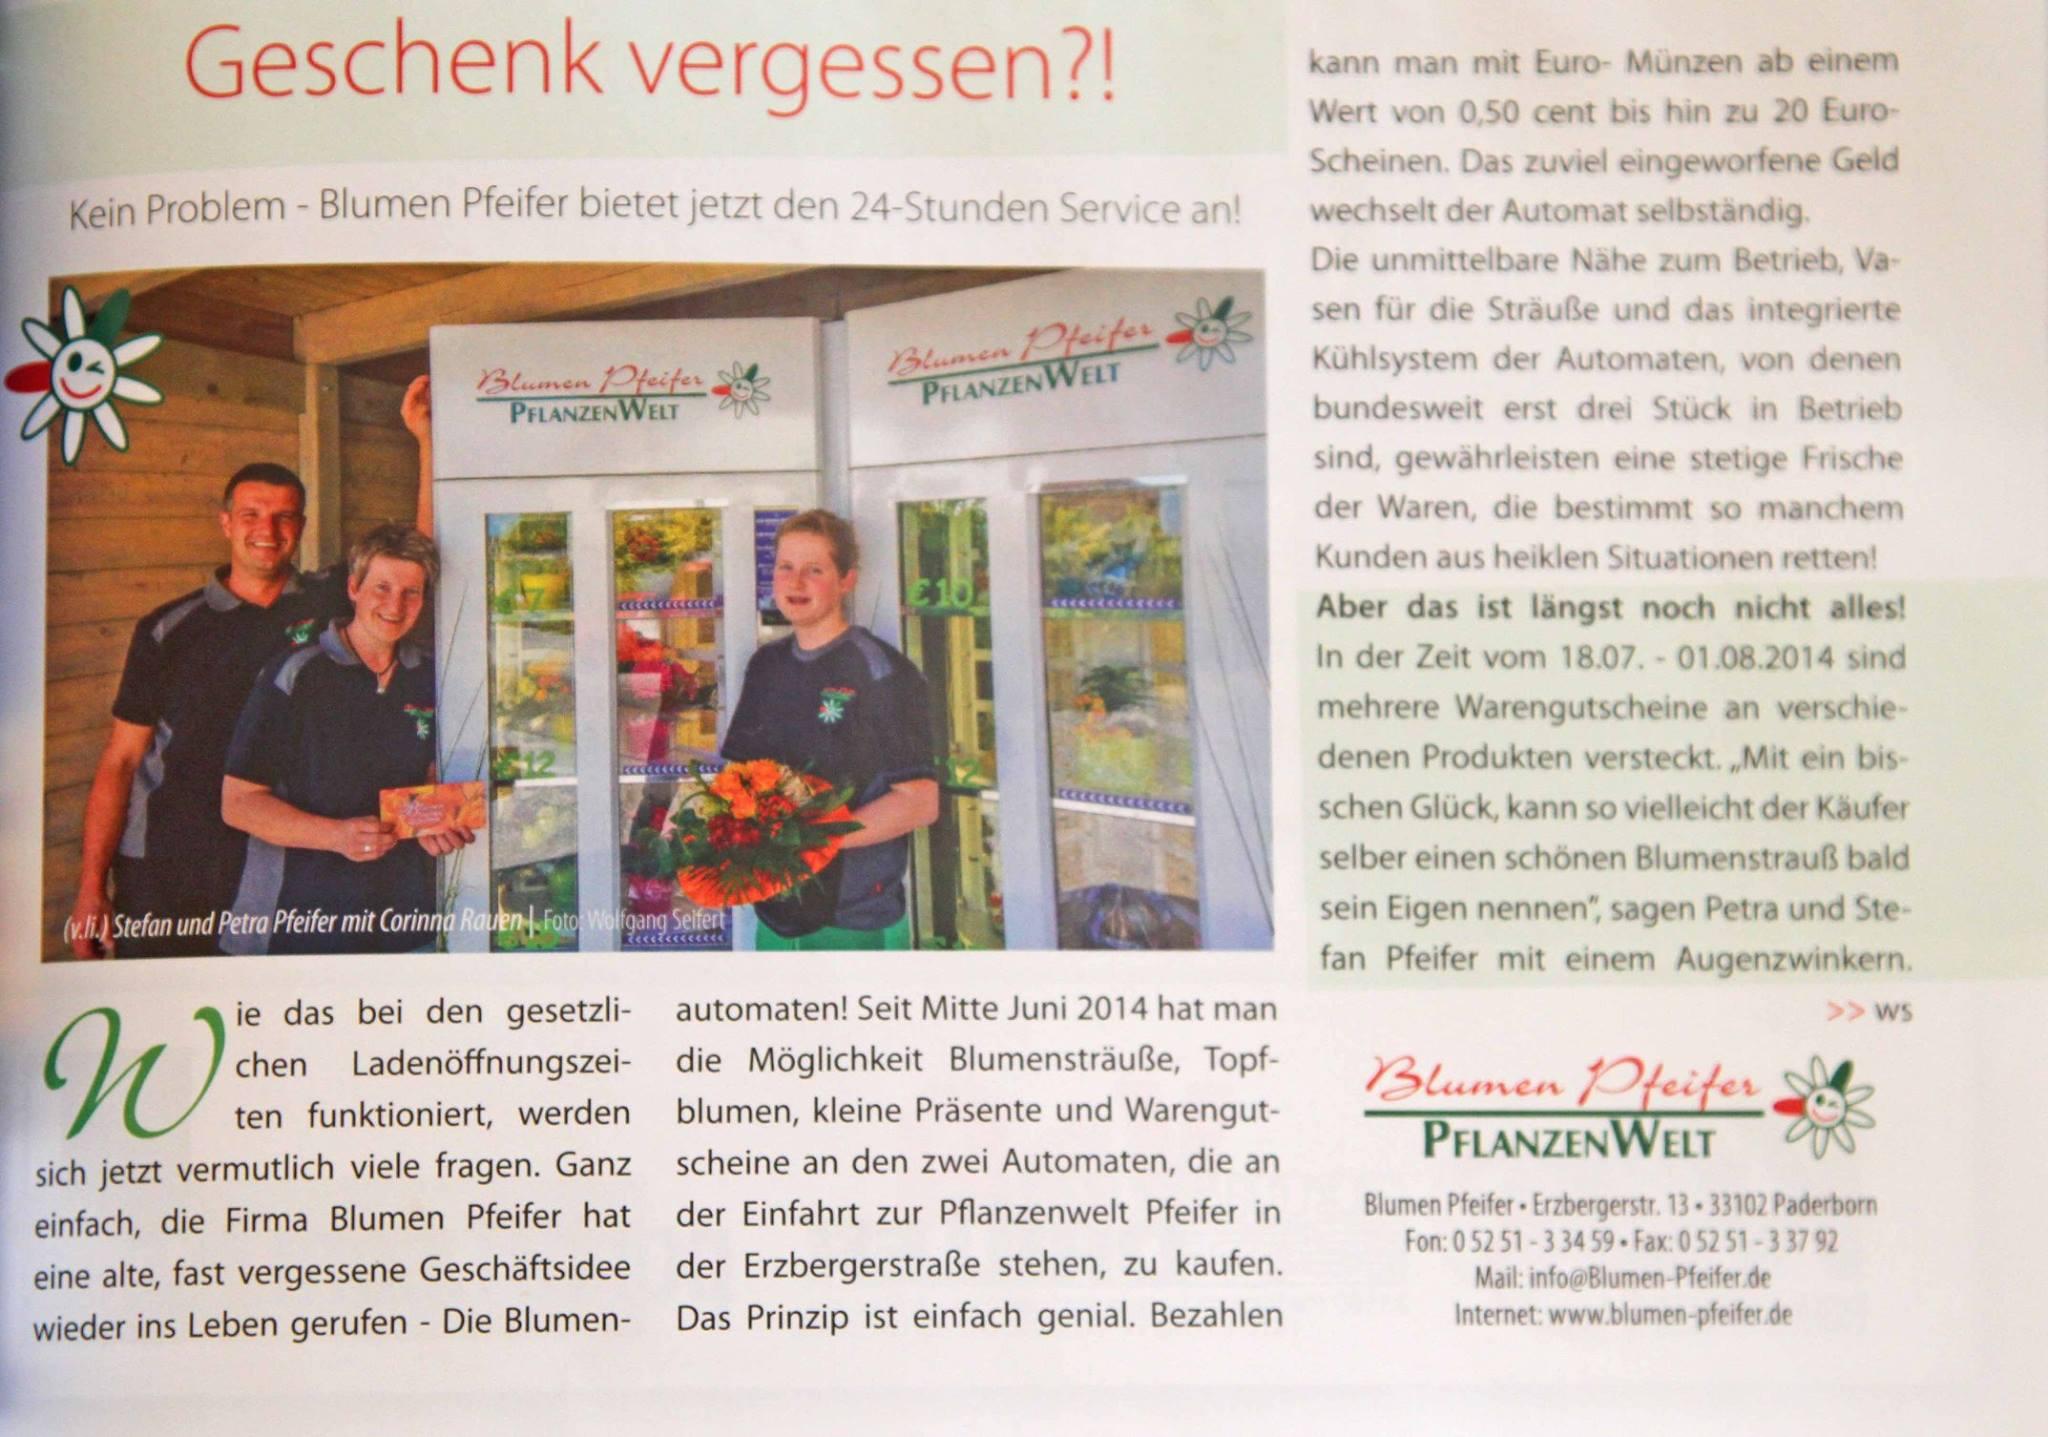 Blumenautomaten. Erschienen in der aktuellen HOCHGLANZ Paderborn - Paderborn Germany, talking about one of our clients in the city